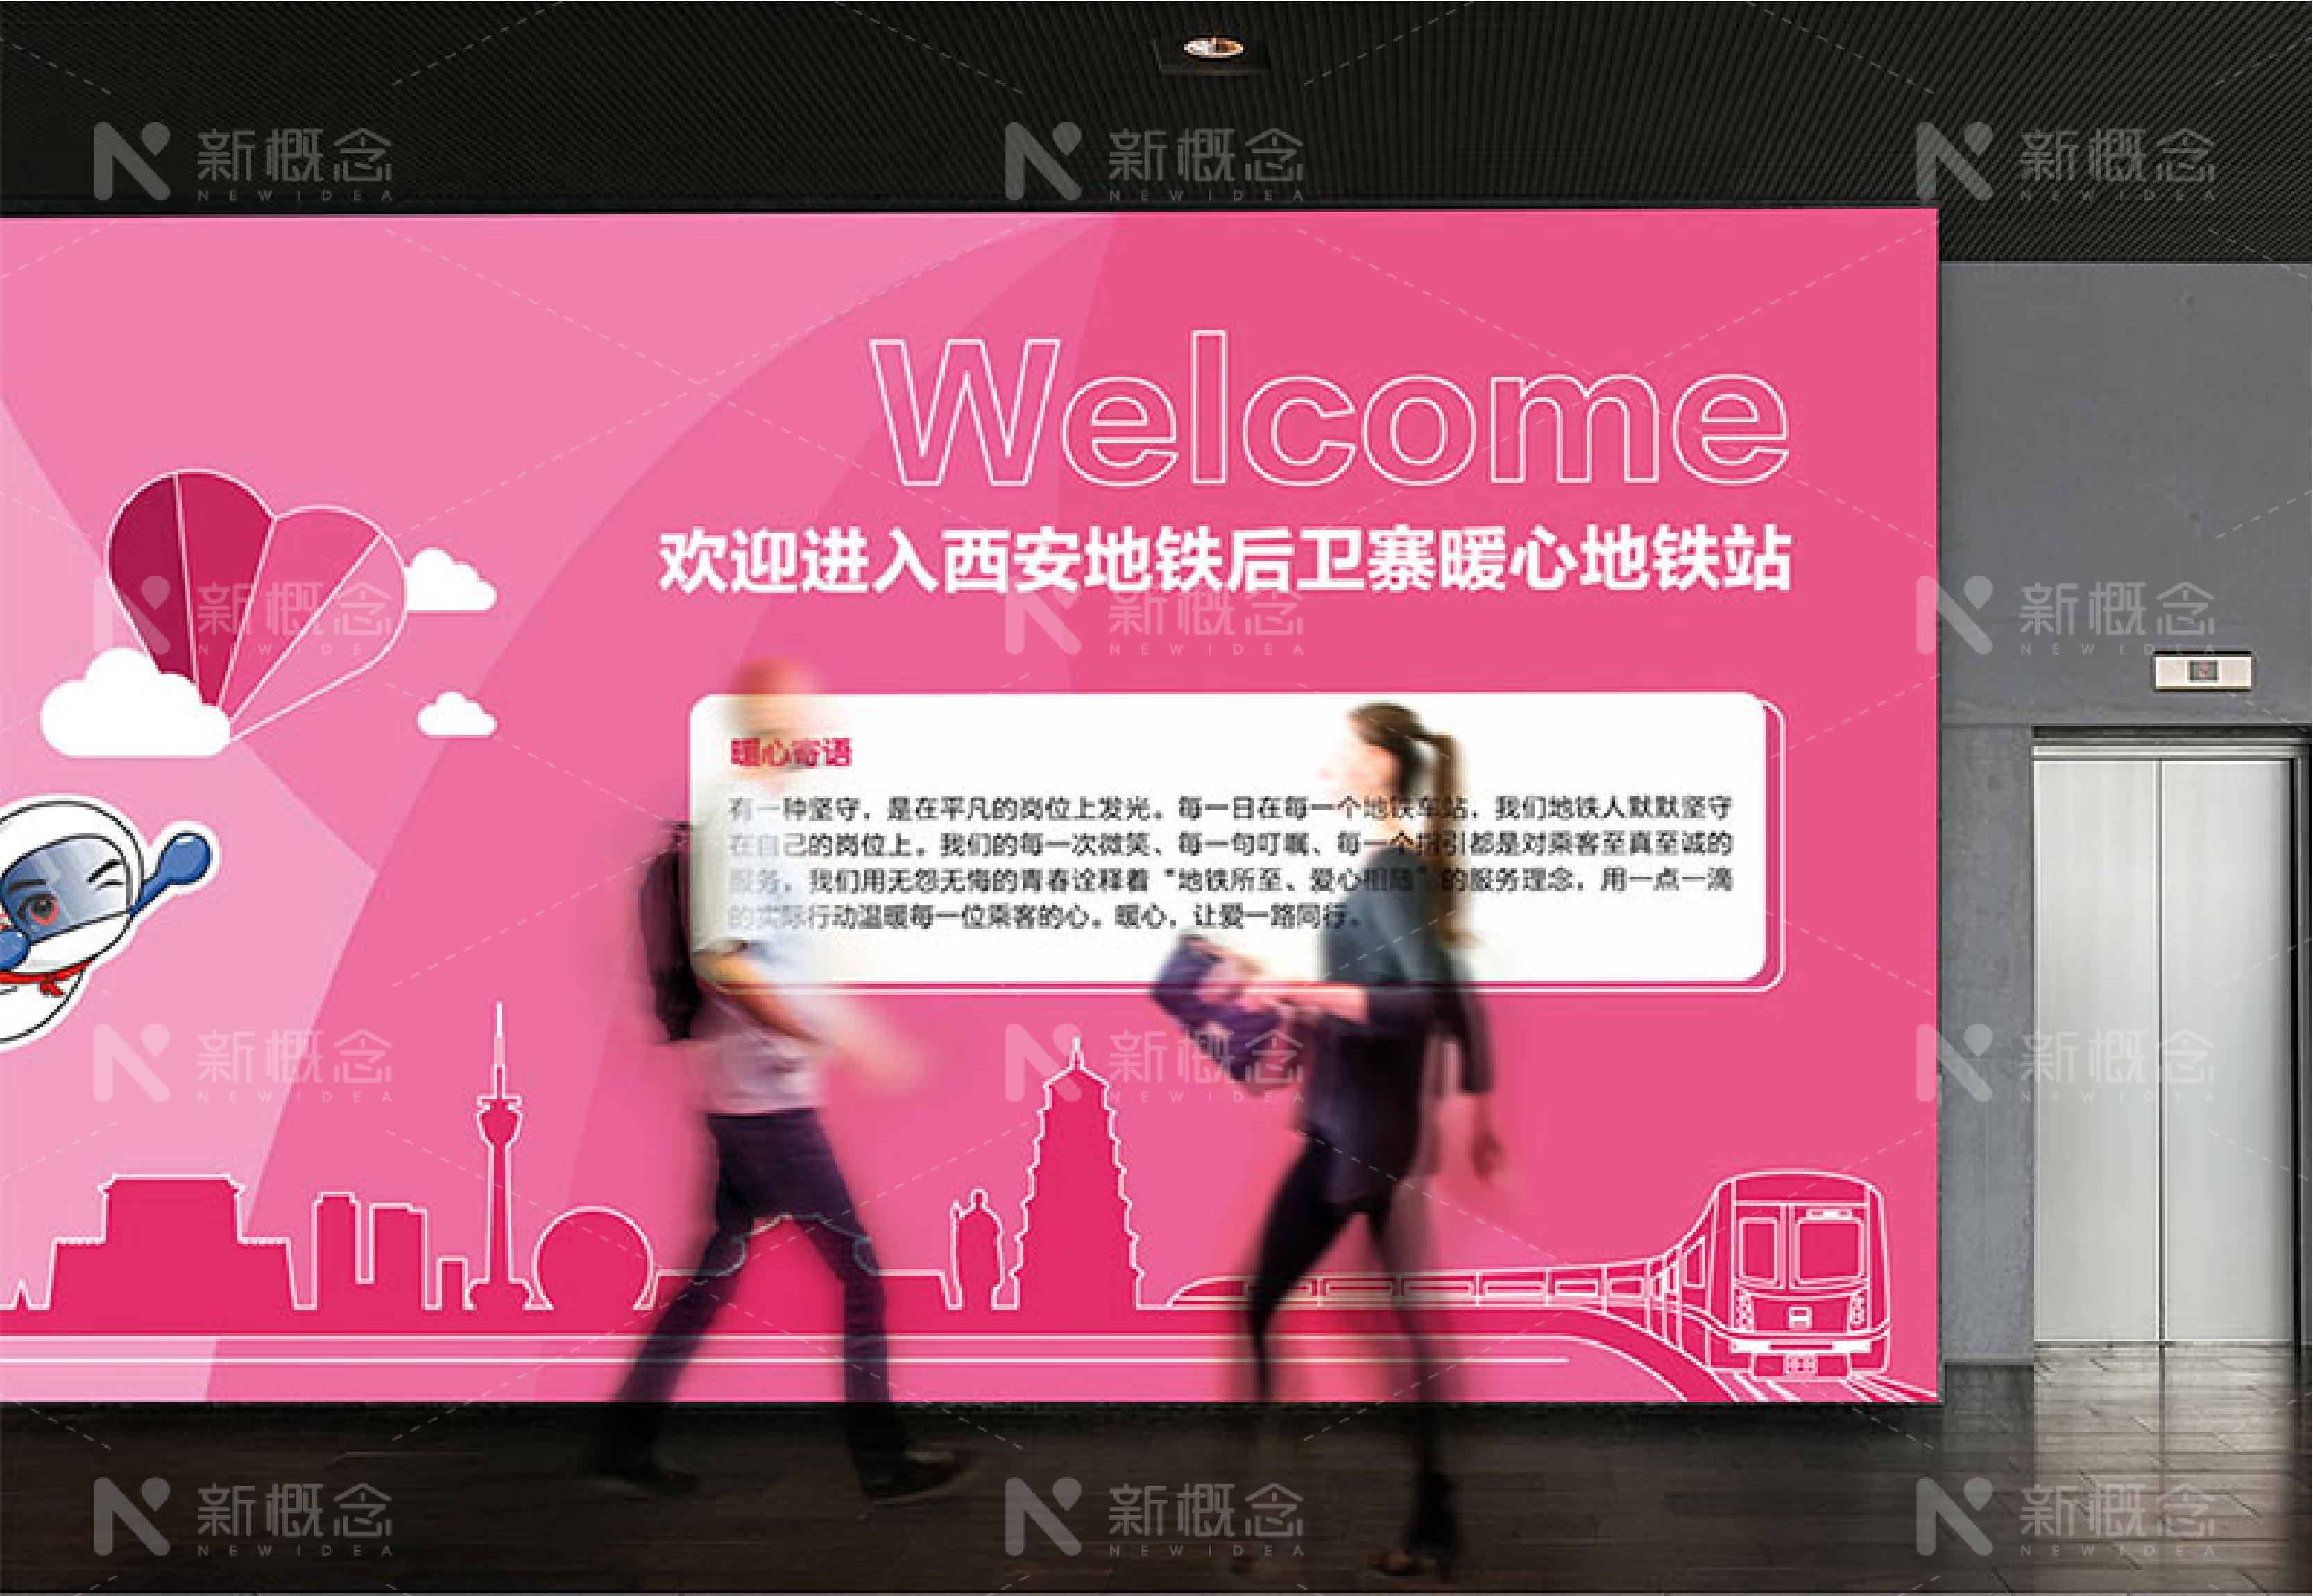 西安地铁(后卫寨)宣传创意设计